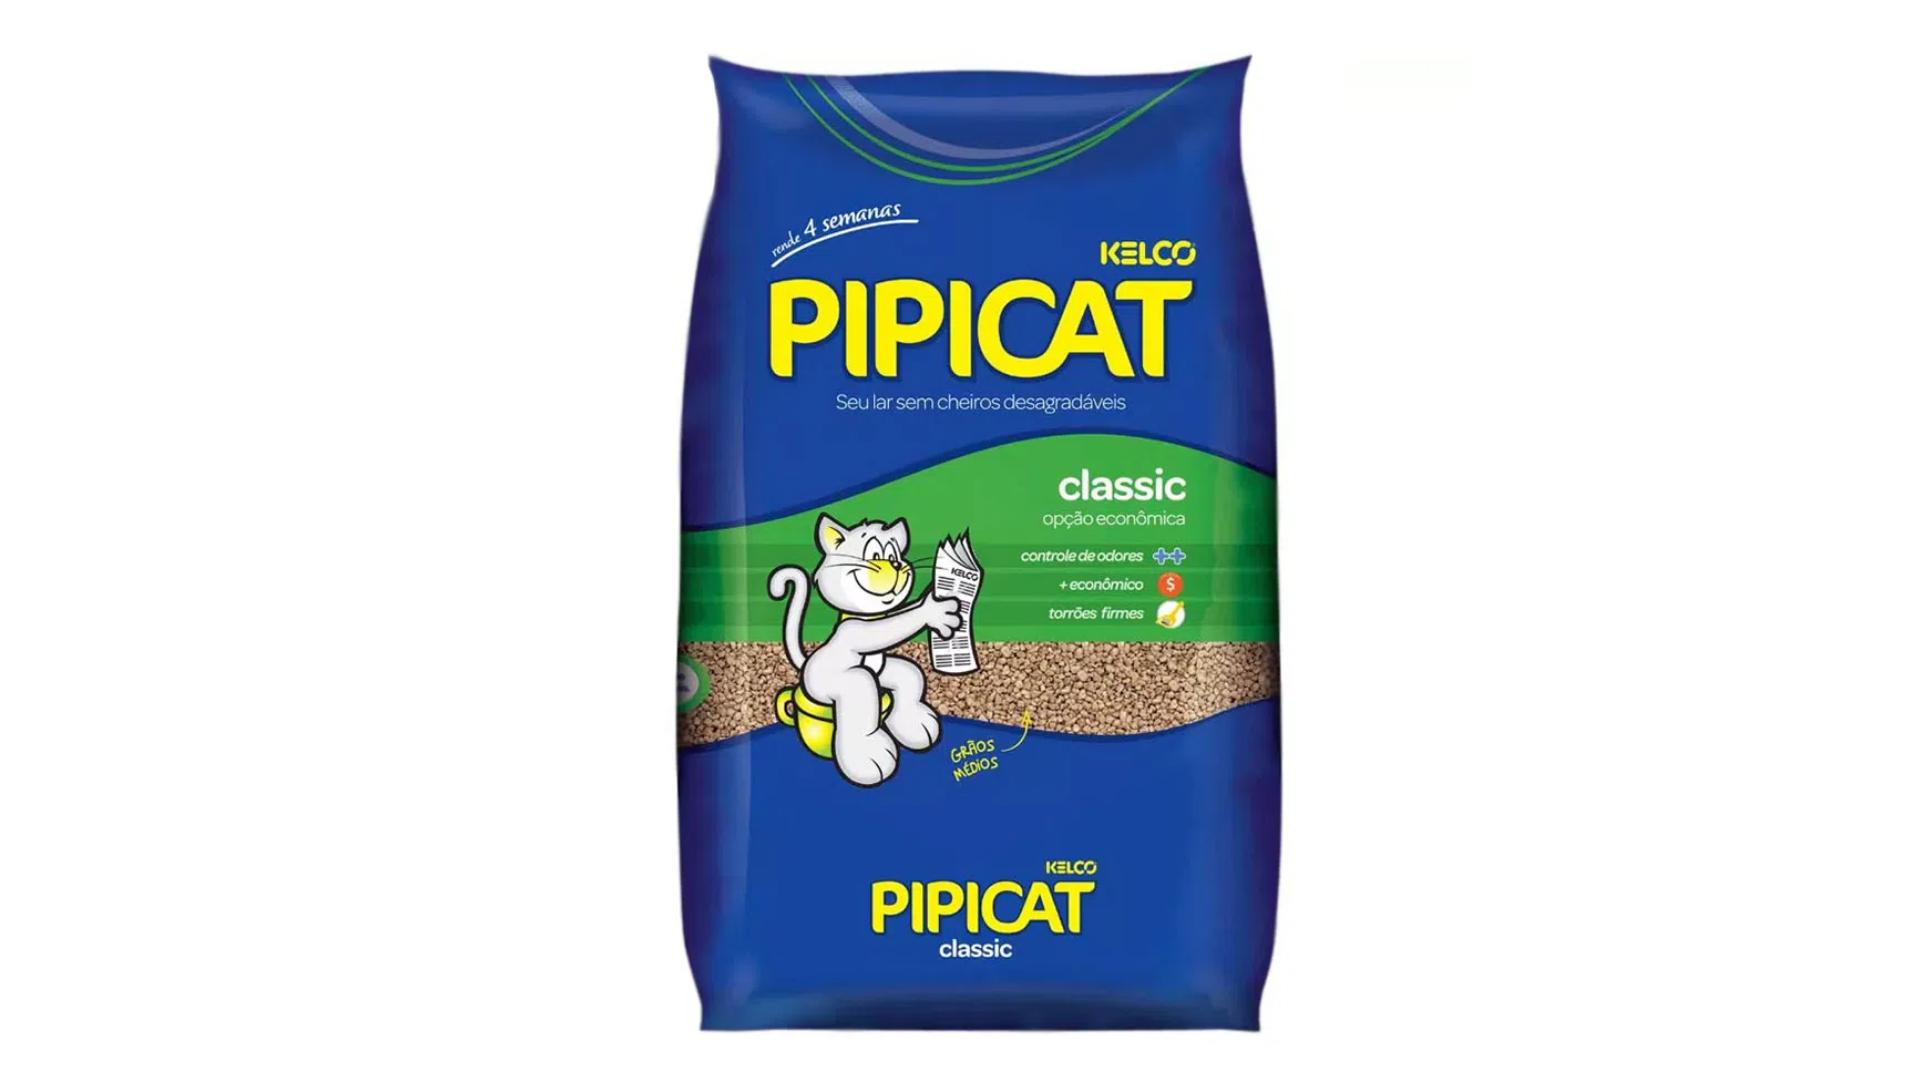 A areia para gato Pipicat Classic Kelco é a mais vendida do mercado (Imagem: Divulgação/Kelco)